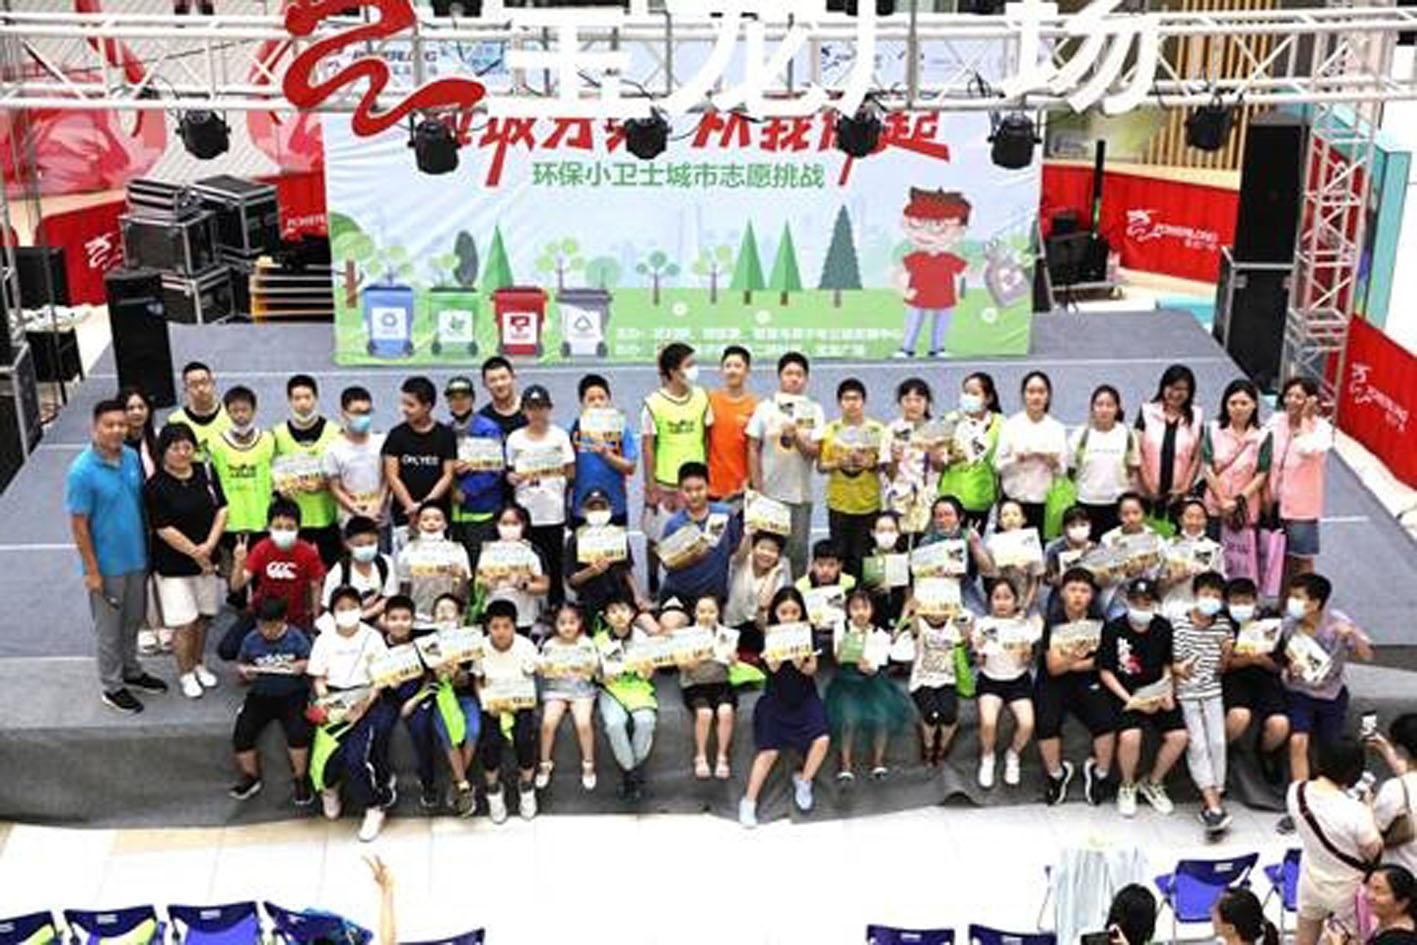 扬州开发区举办环保小卫士城市志愿挑战活动